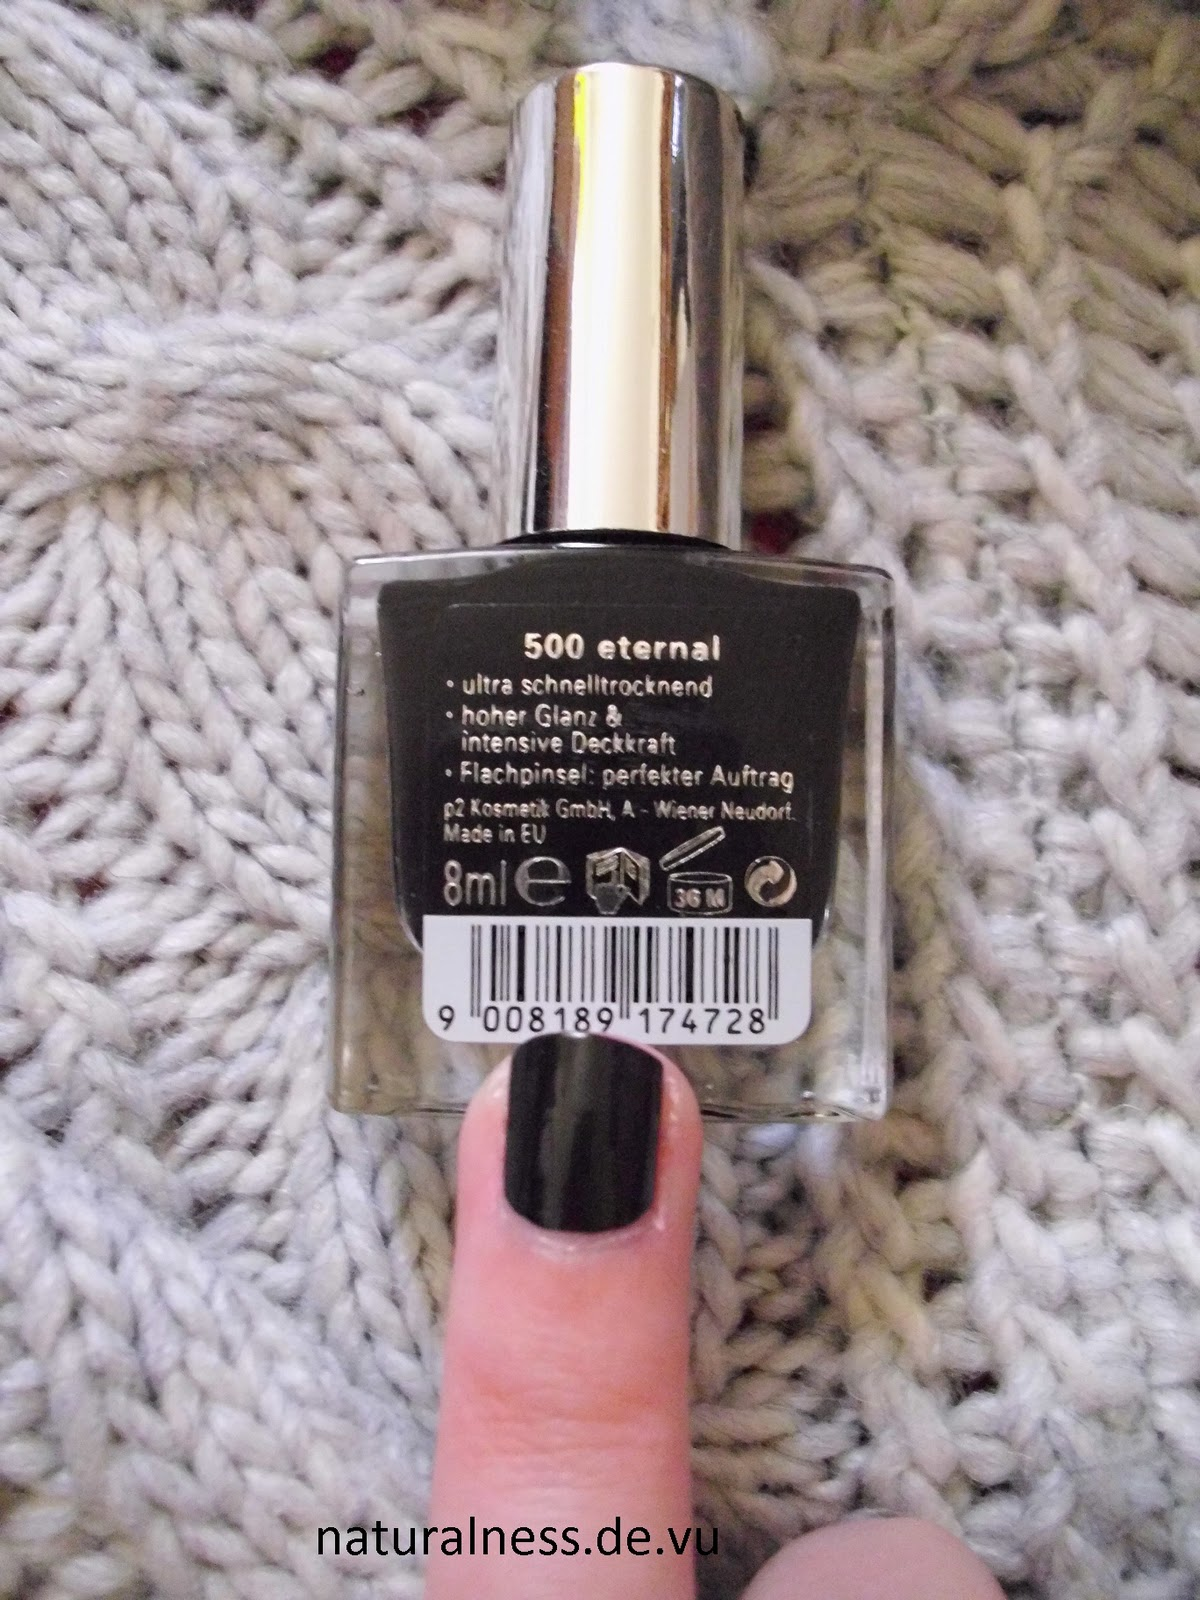 naturalness schwarzer nagellack p2 color victim 500 eternal. Black Bedroom Furniture Sets. Home Design Ideas